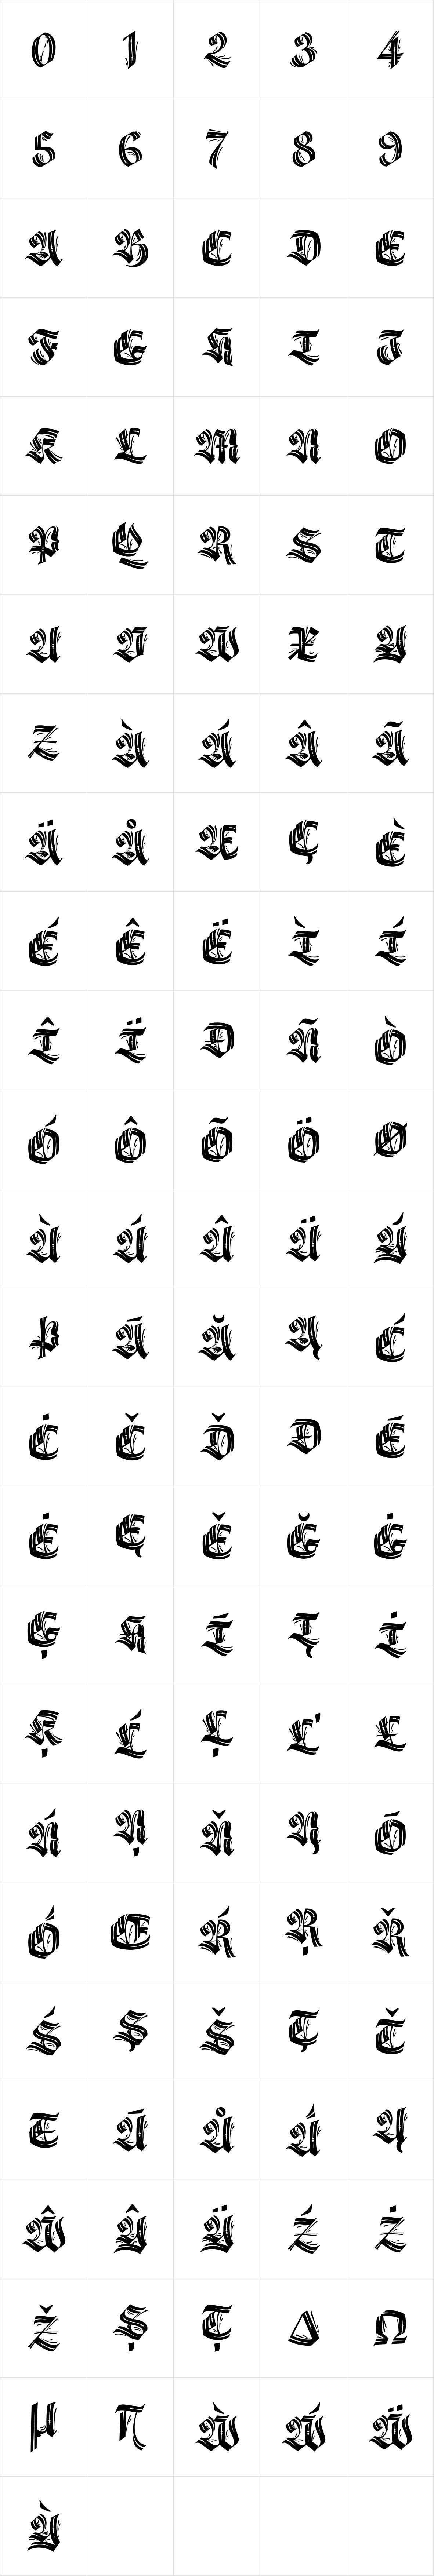 Origen Capitals